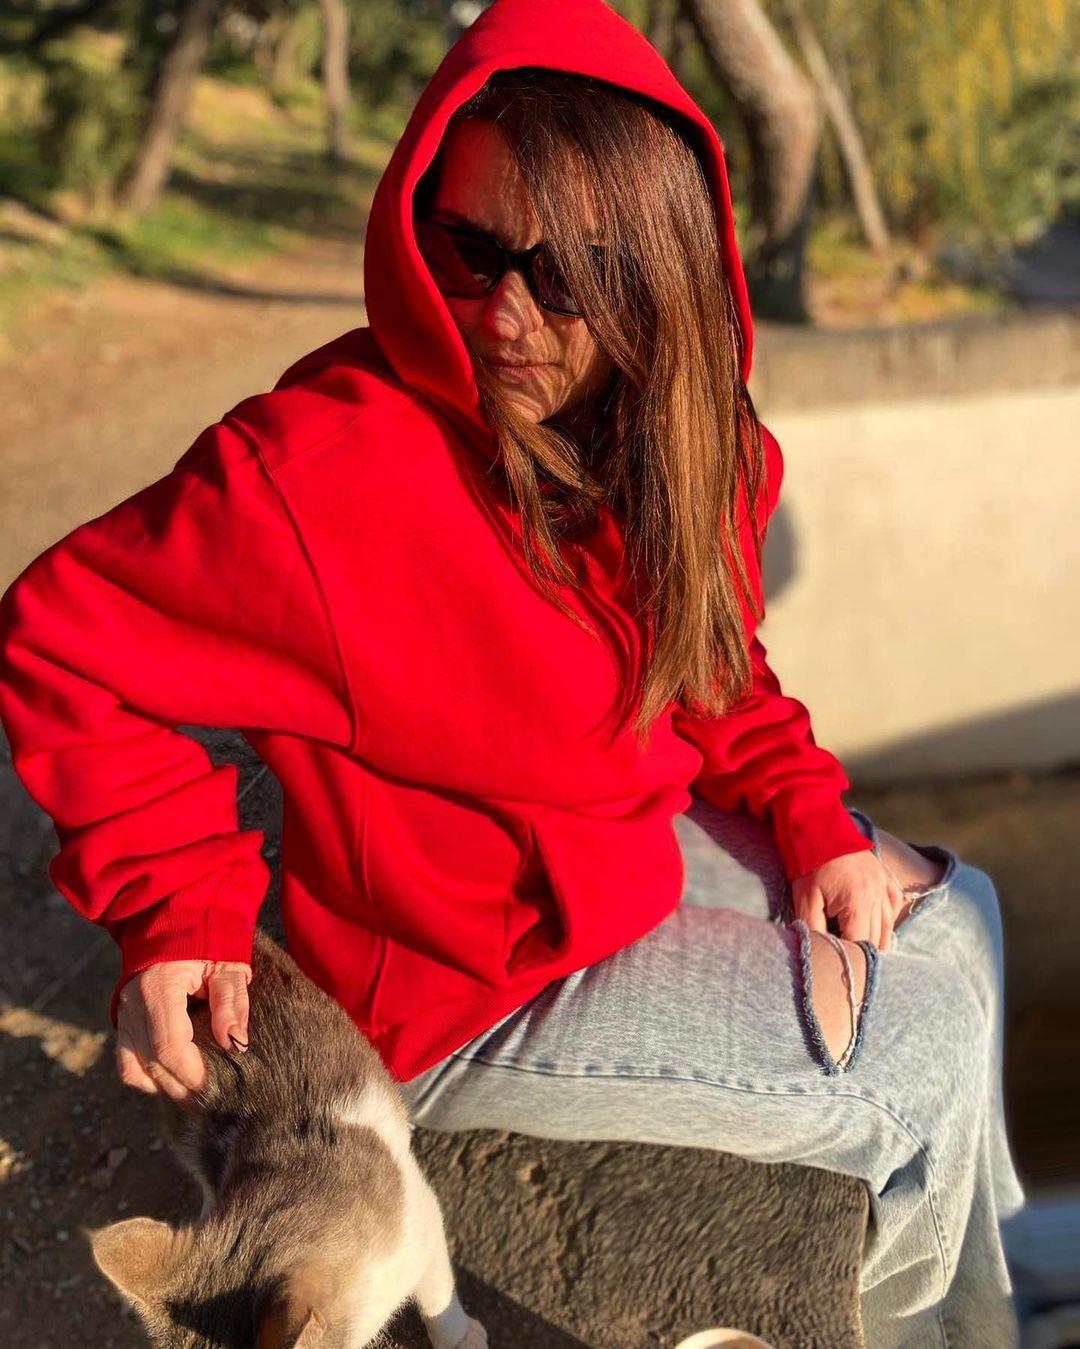 Κατερίνα Ζαρίφη: Αδυνάτισε κι άλλο! Η φωτό με το κοστούμι που μας έκανε να σαστίσουμε